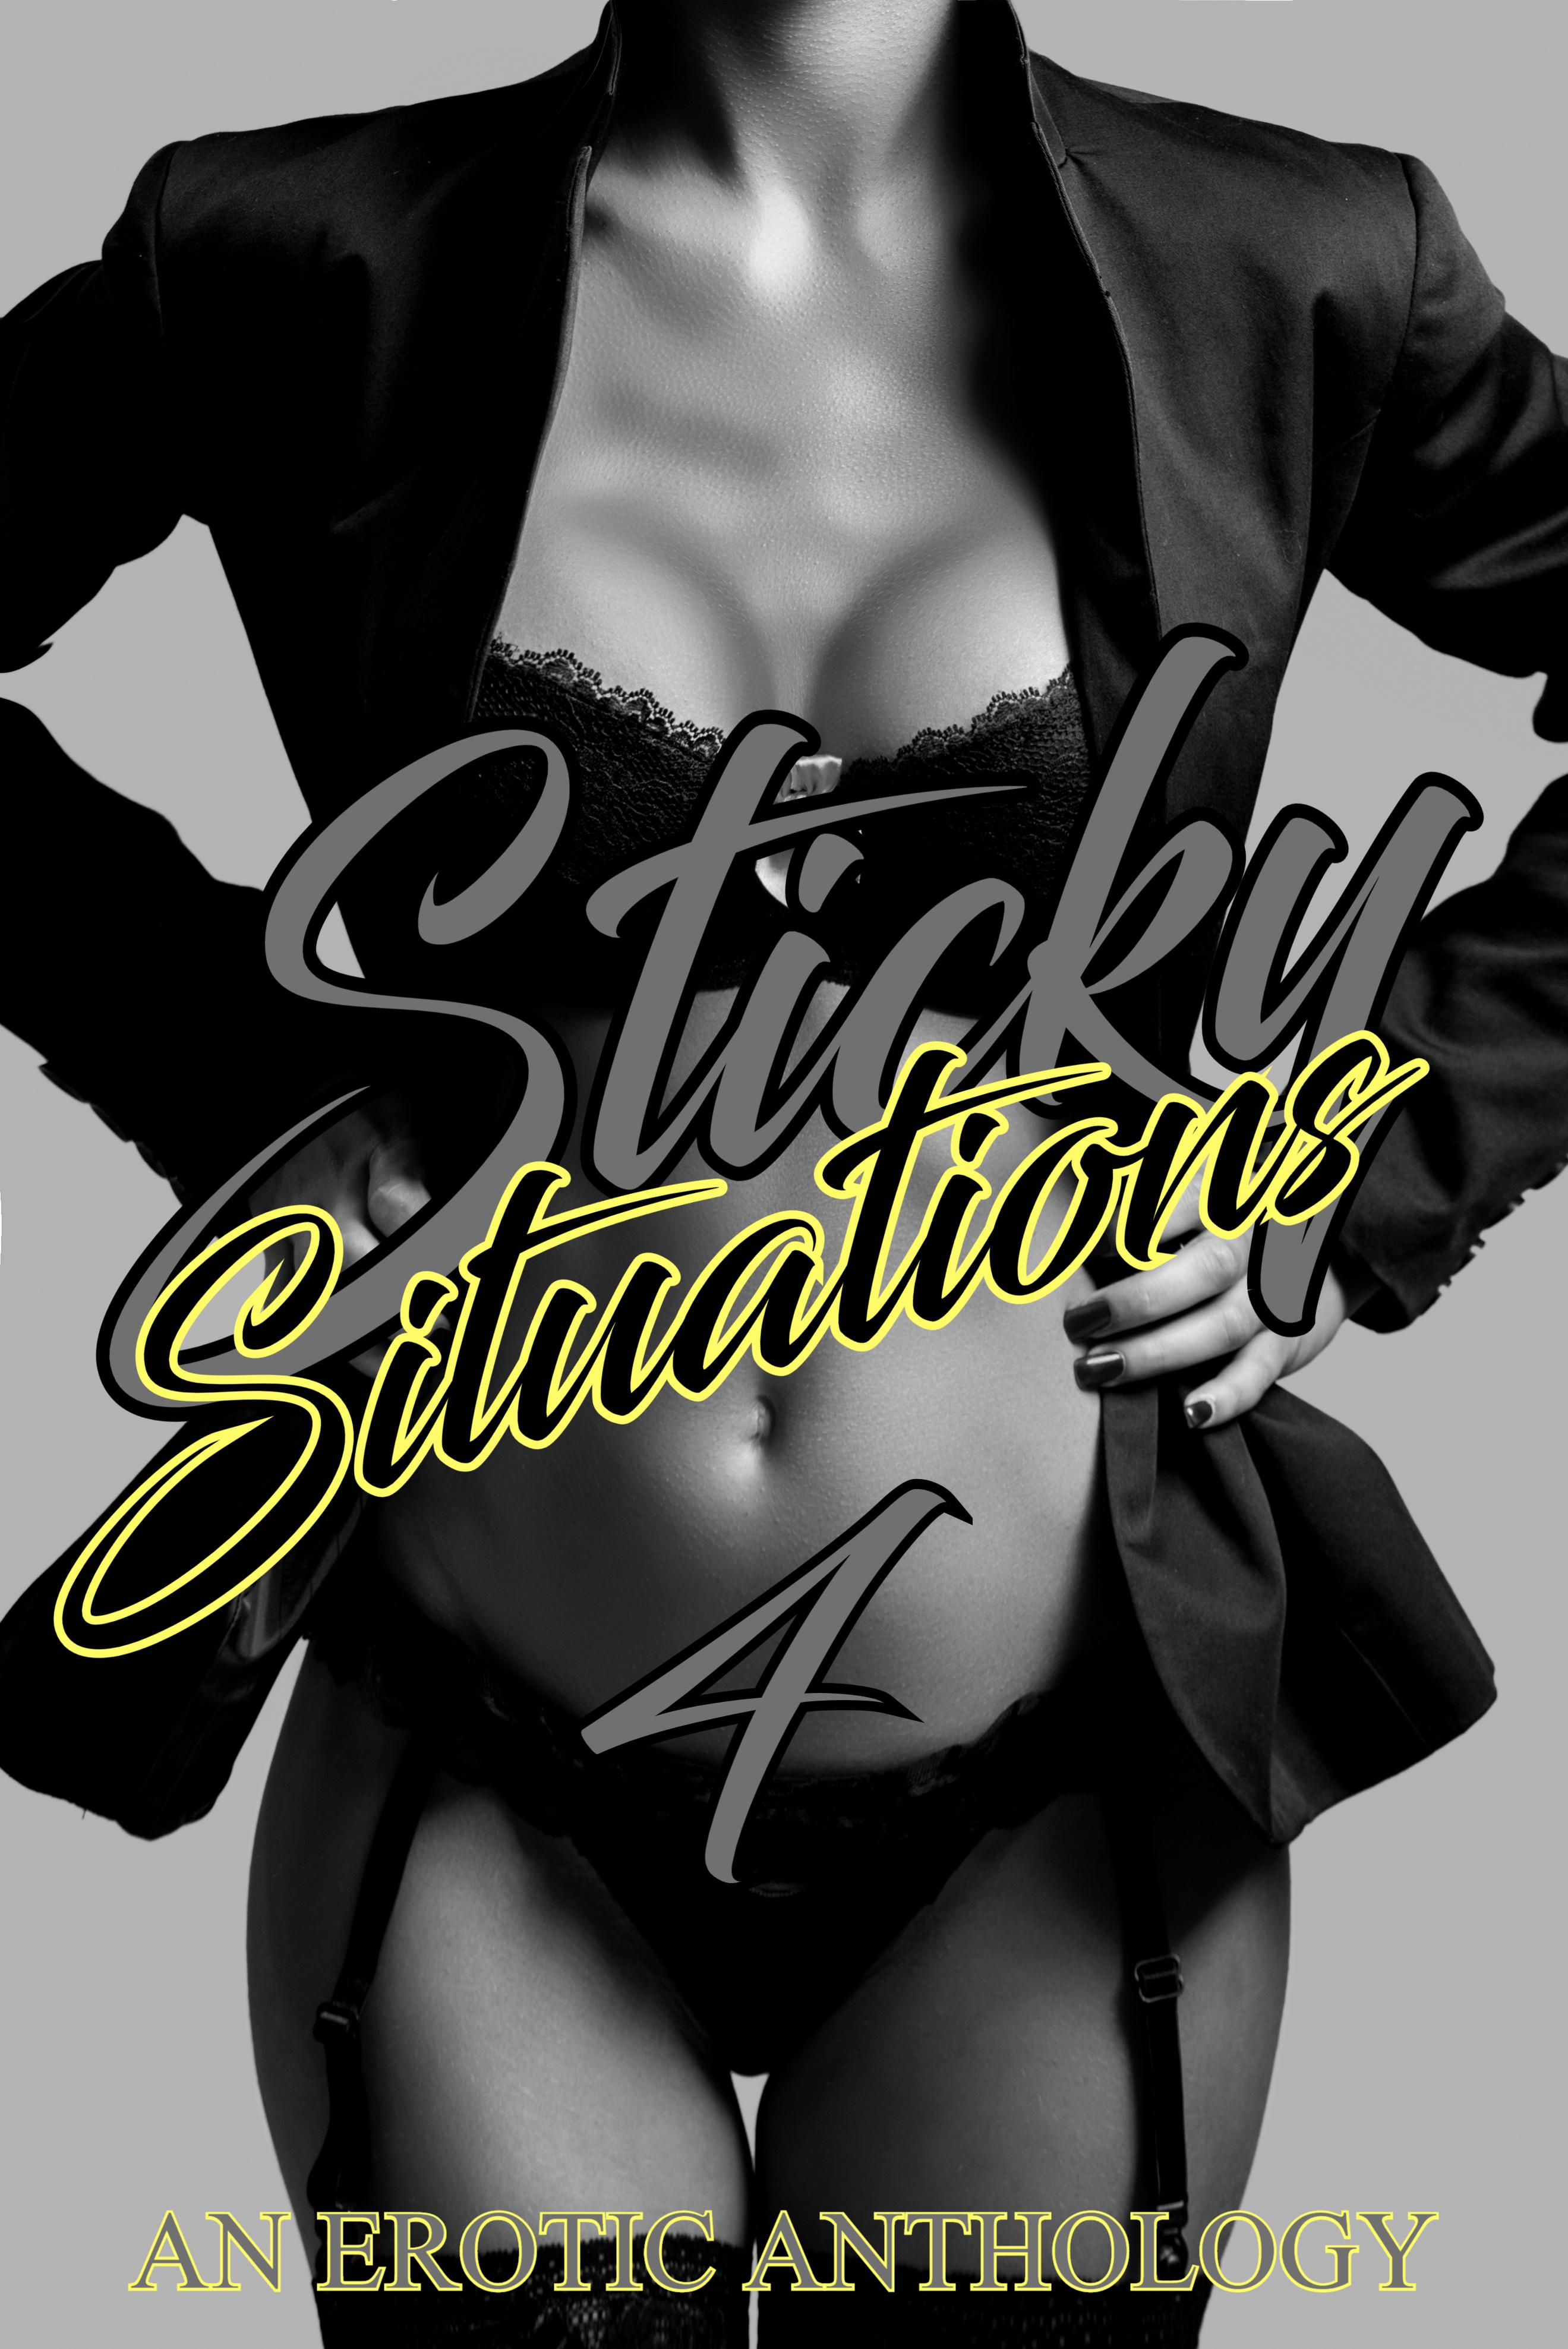 Sticky Vol 4